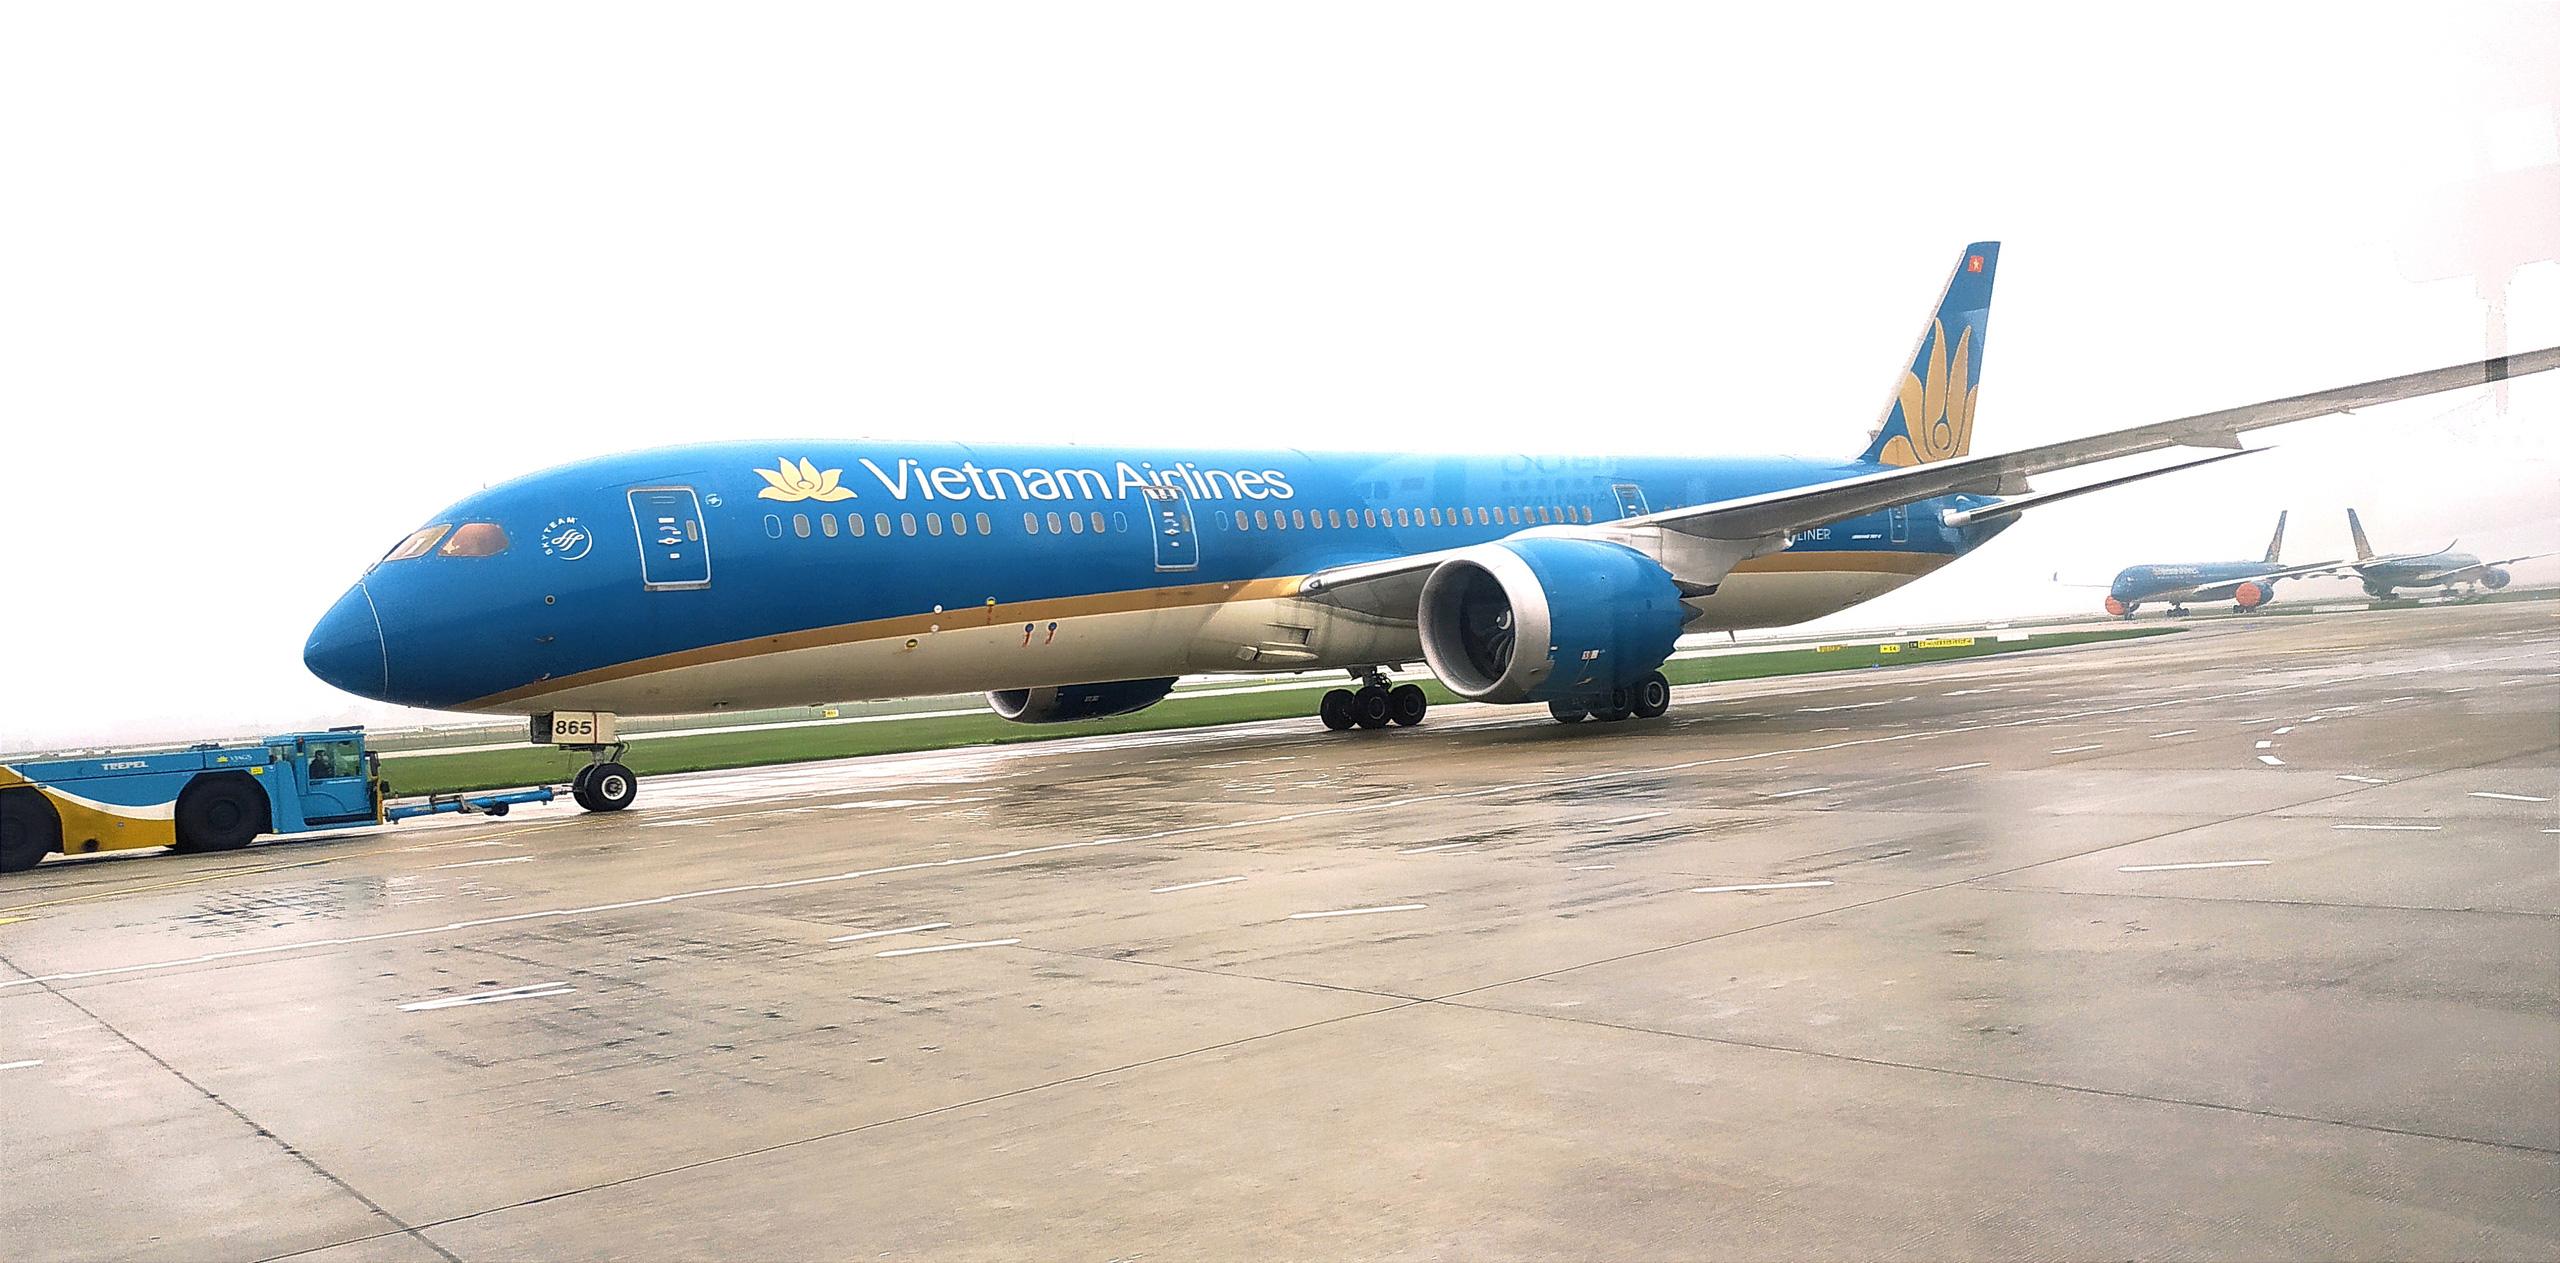 Vietnam Airlines dự báo vốn chủ dương 11 tỷ đồng, có thể thoát án hủy niêm yết - Ảnh 1.